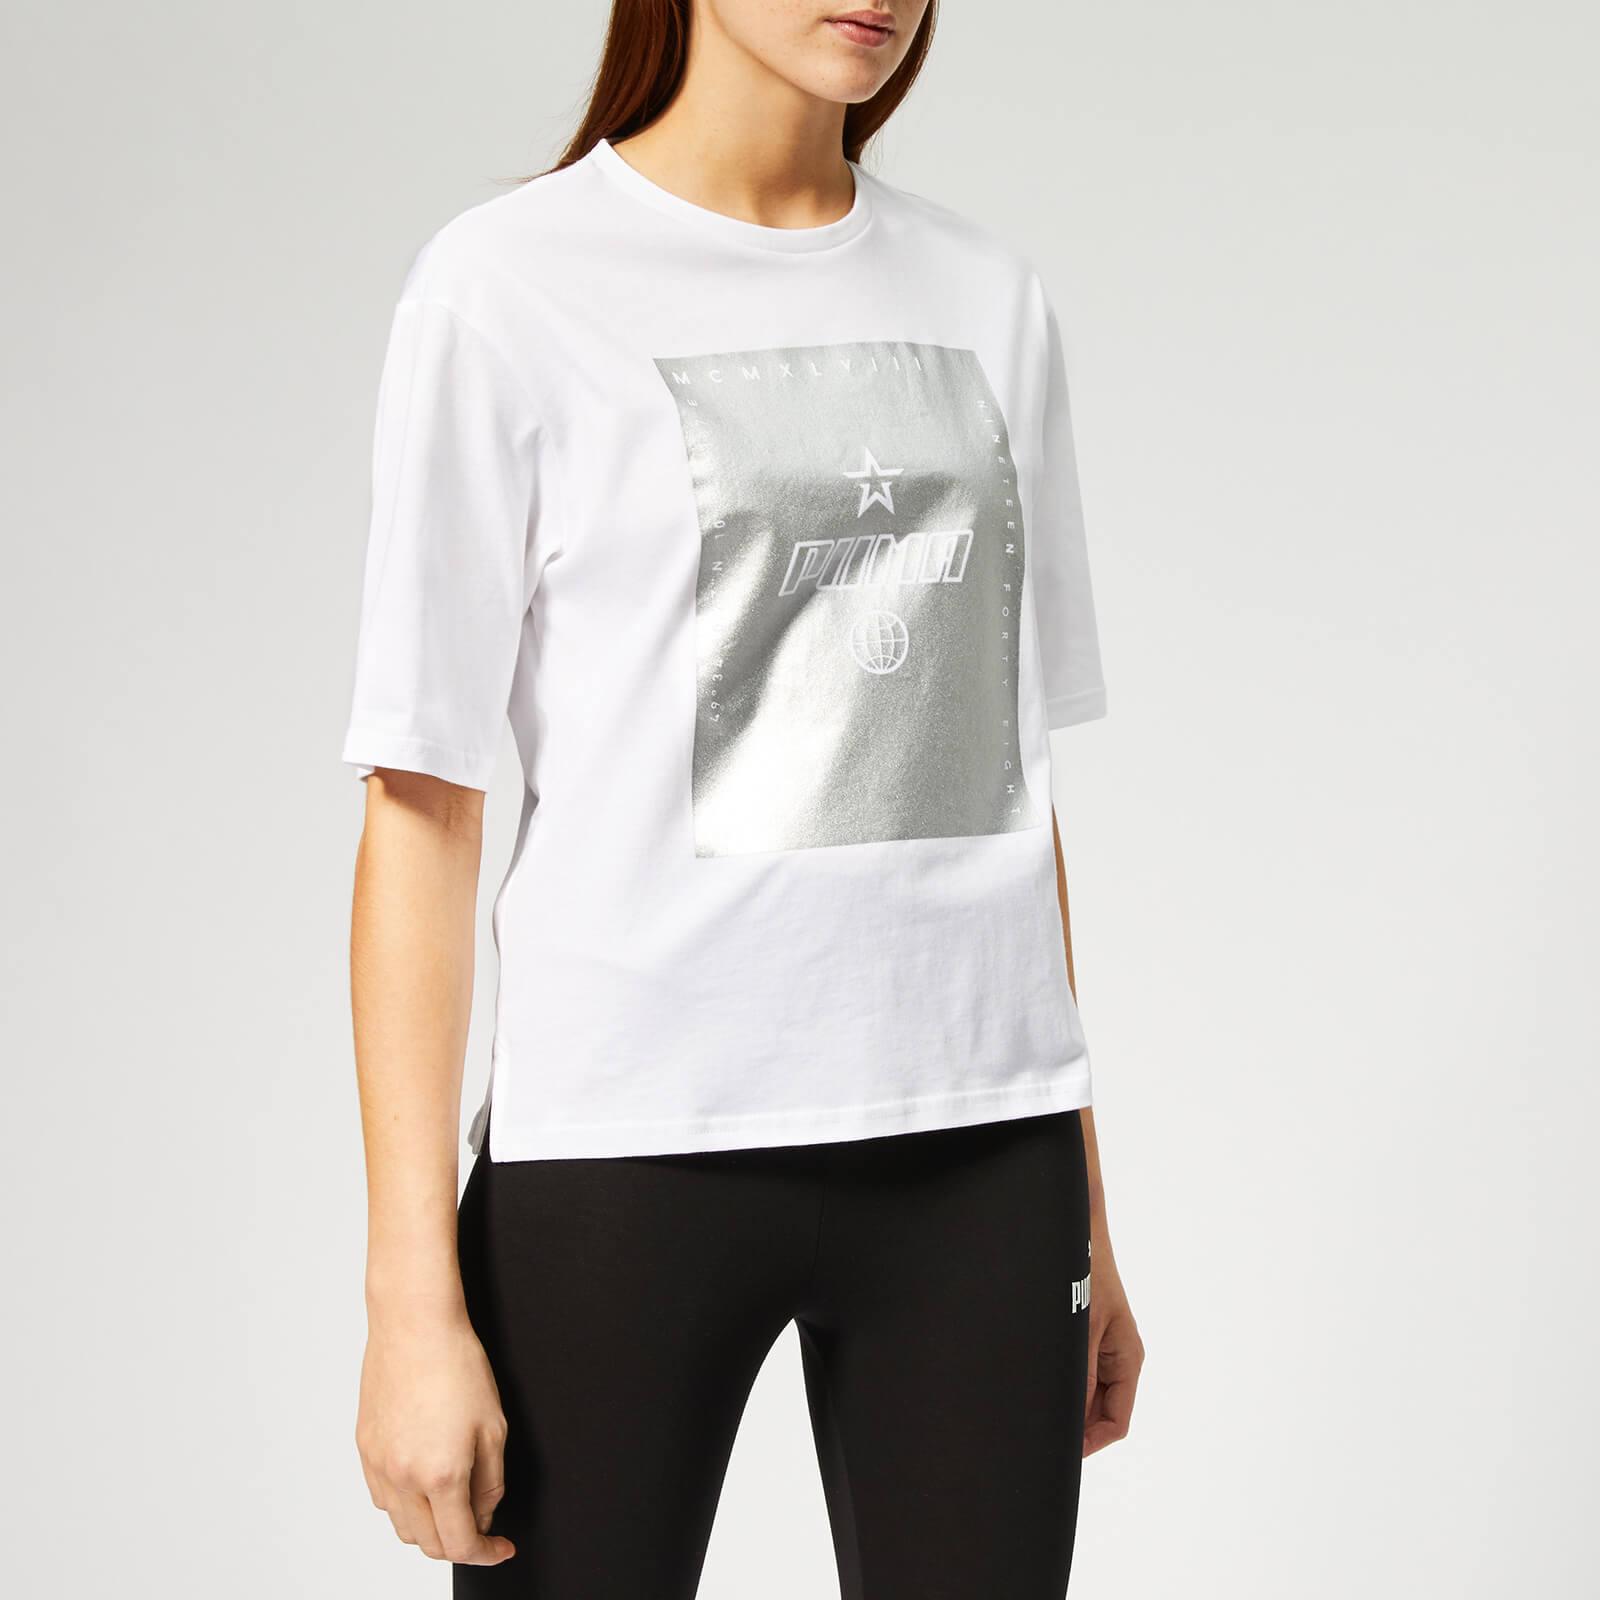 Puma Women's Tz Short Sleeve T-Shirt - Puma White - S - White